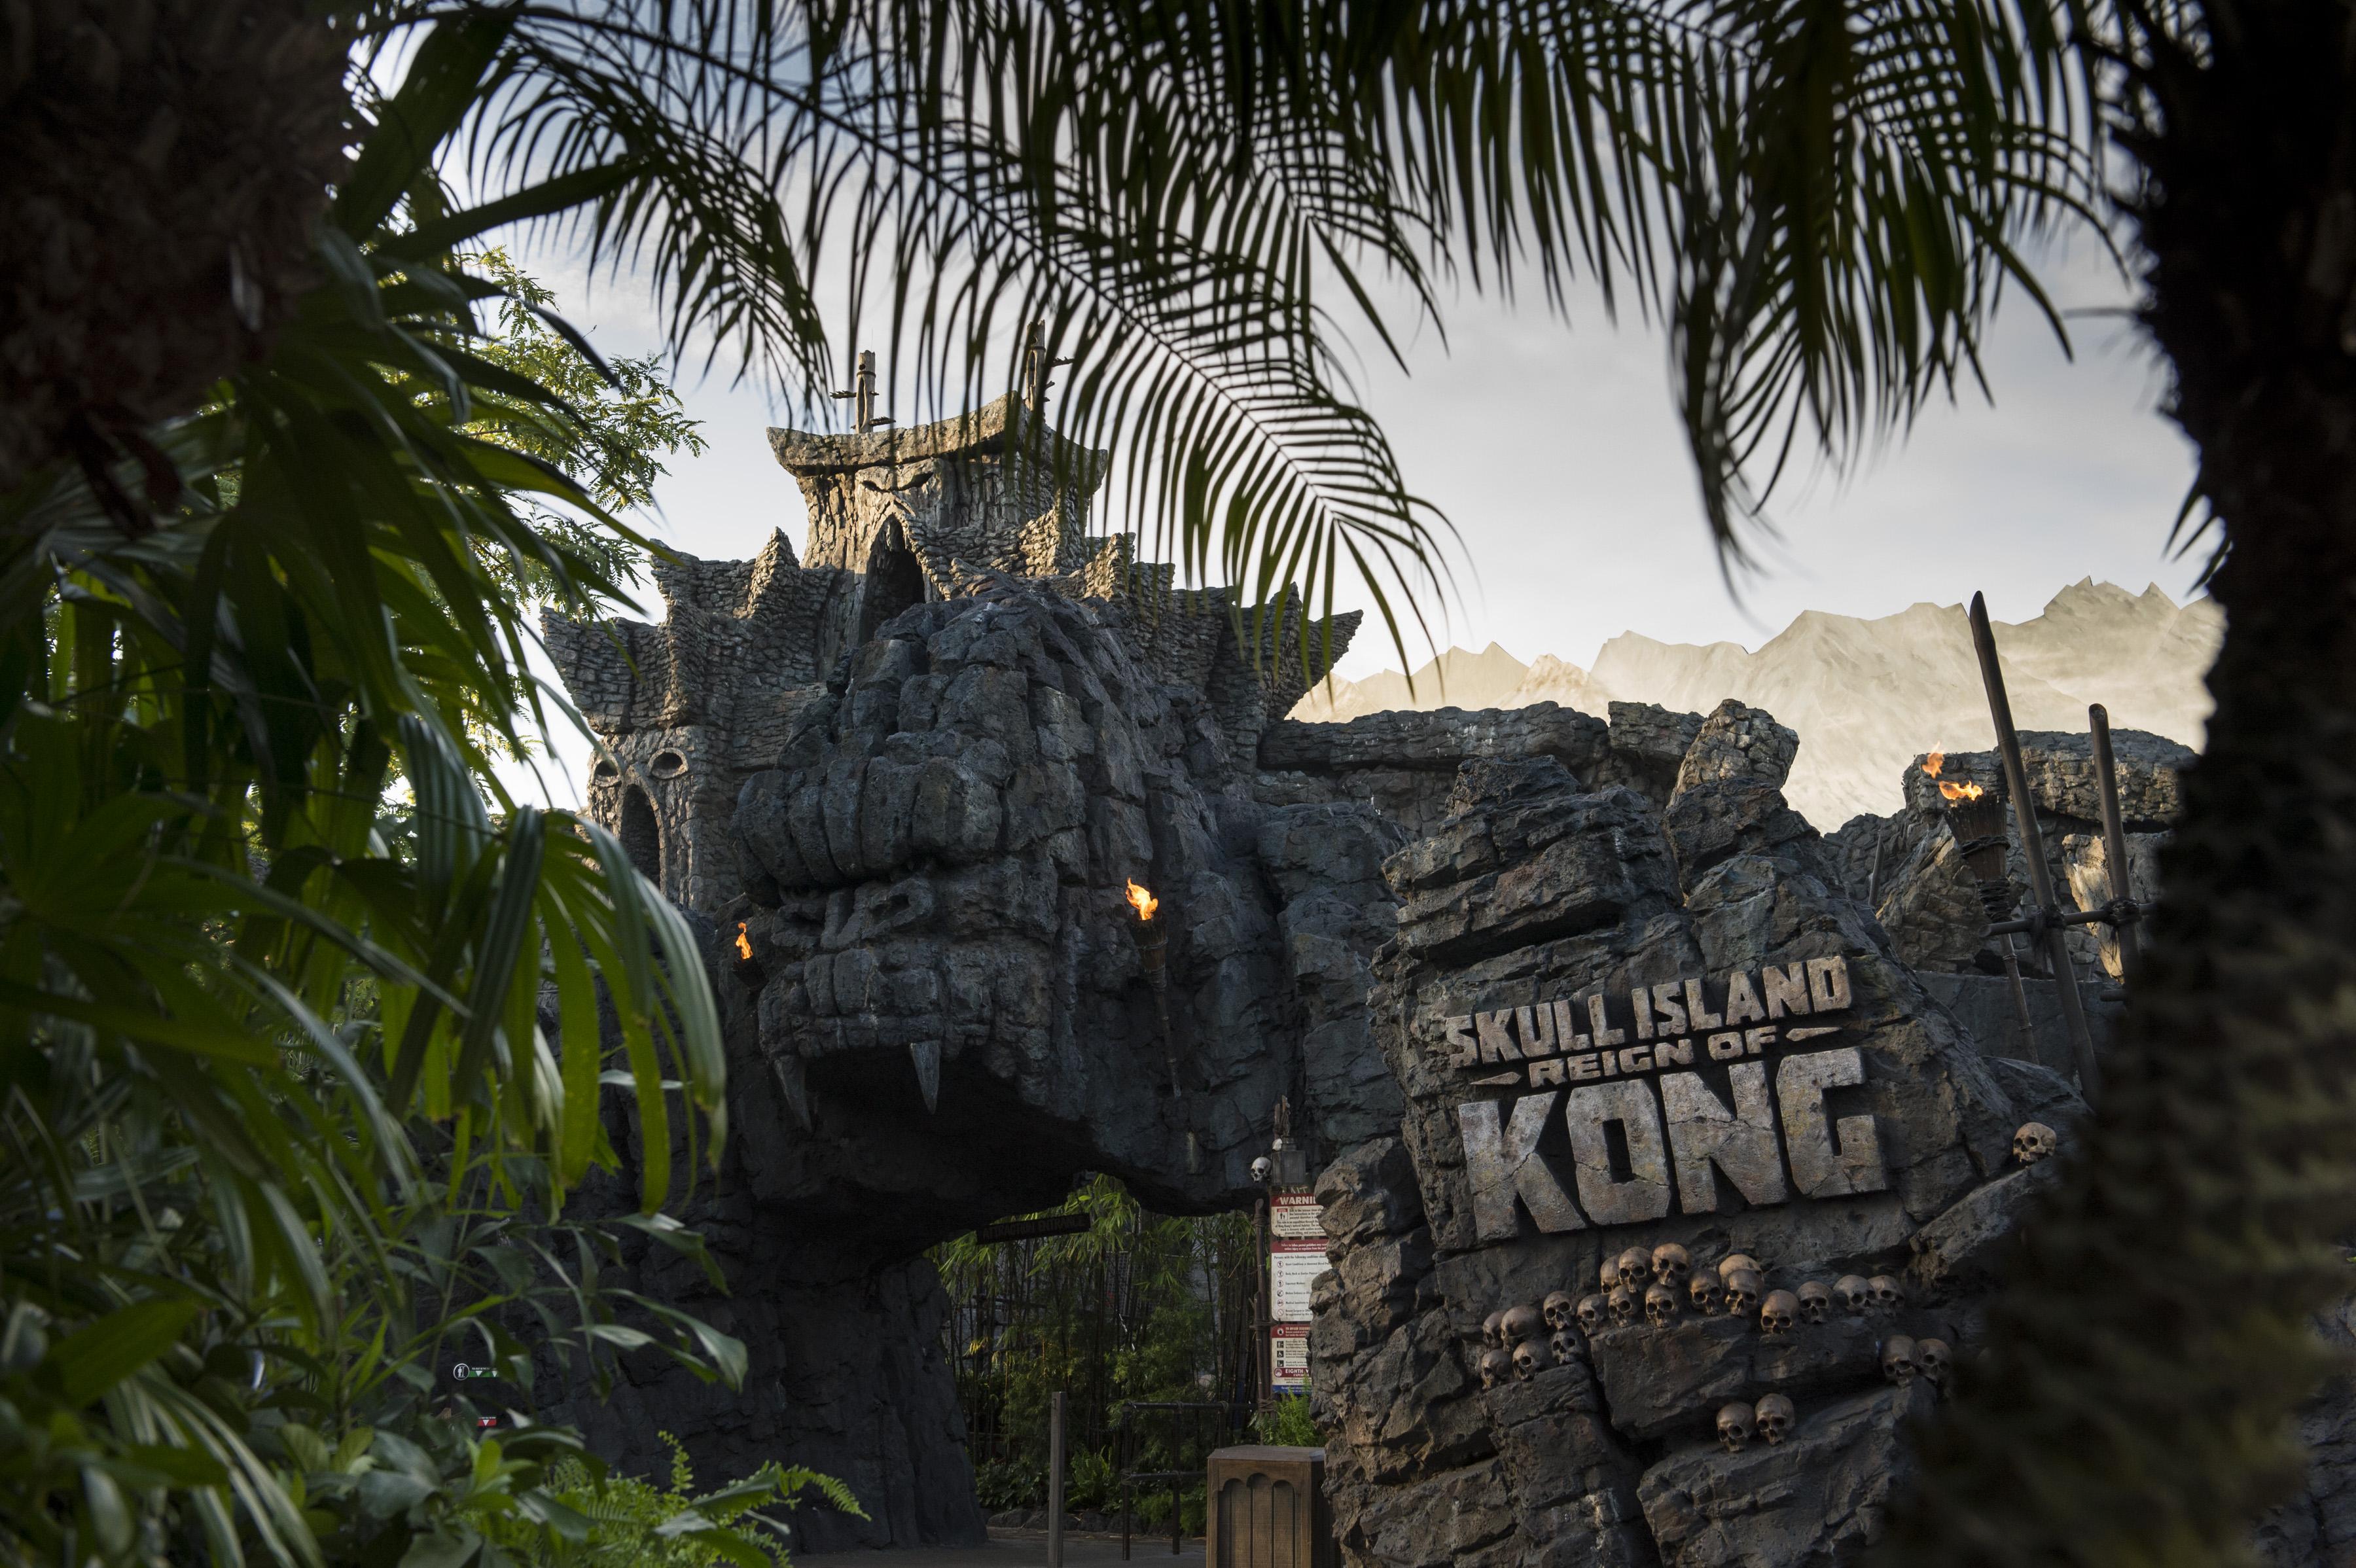 Skull Island: Reign of Kong abre oficialmente para o público no Islands of Adventure